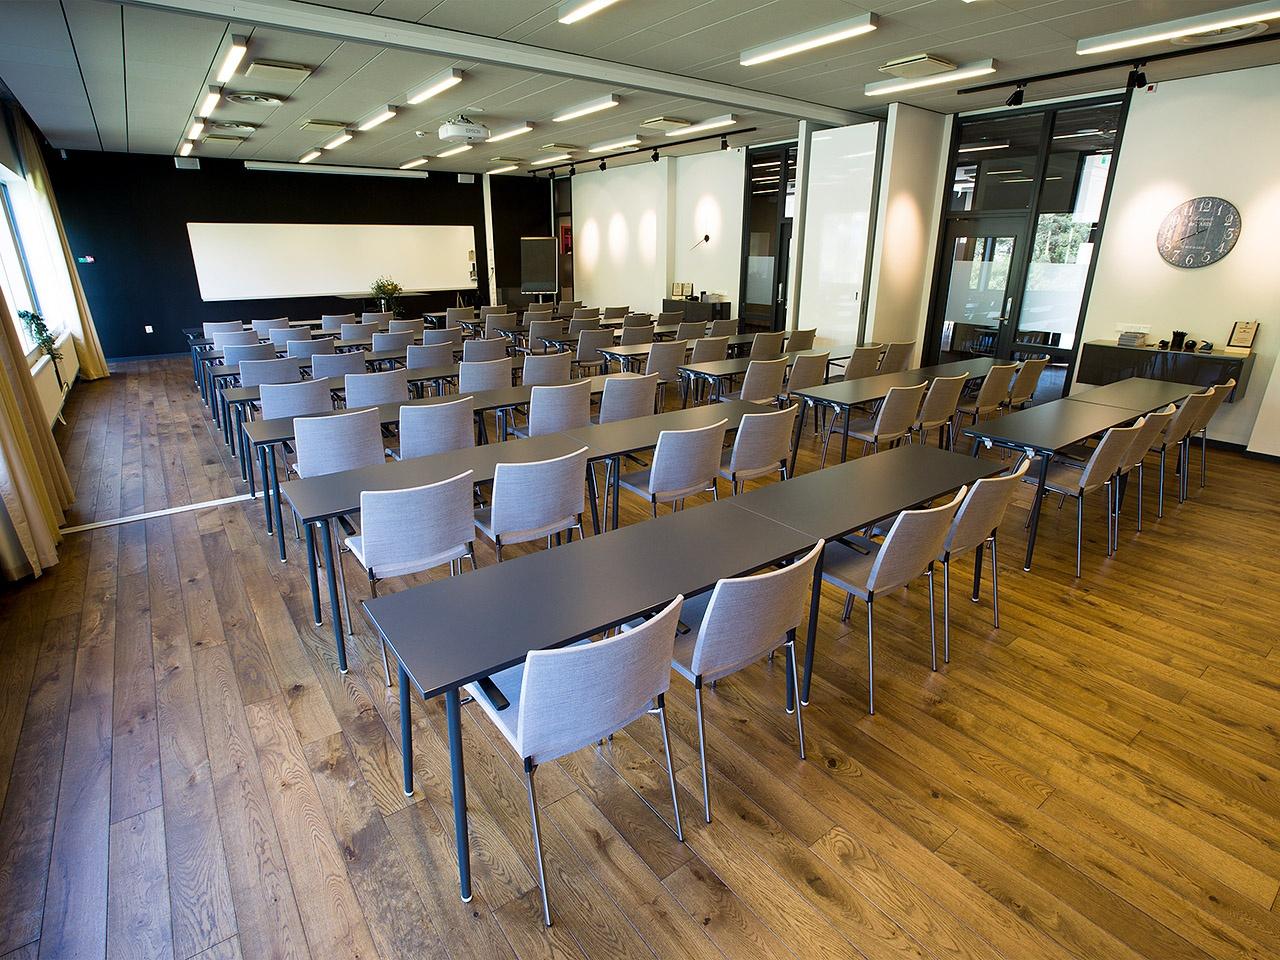 konferenslokal_sittning_skol_parisnice